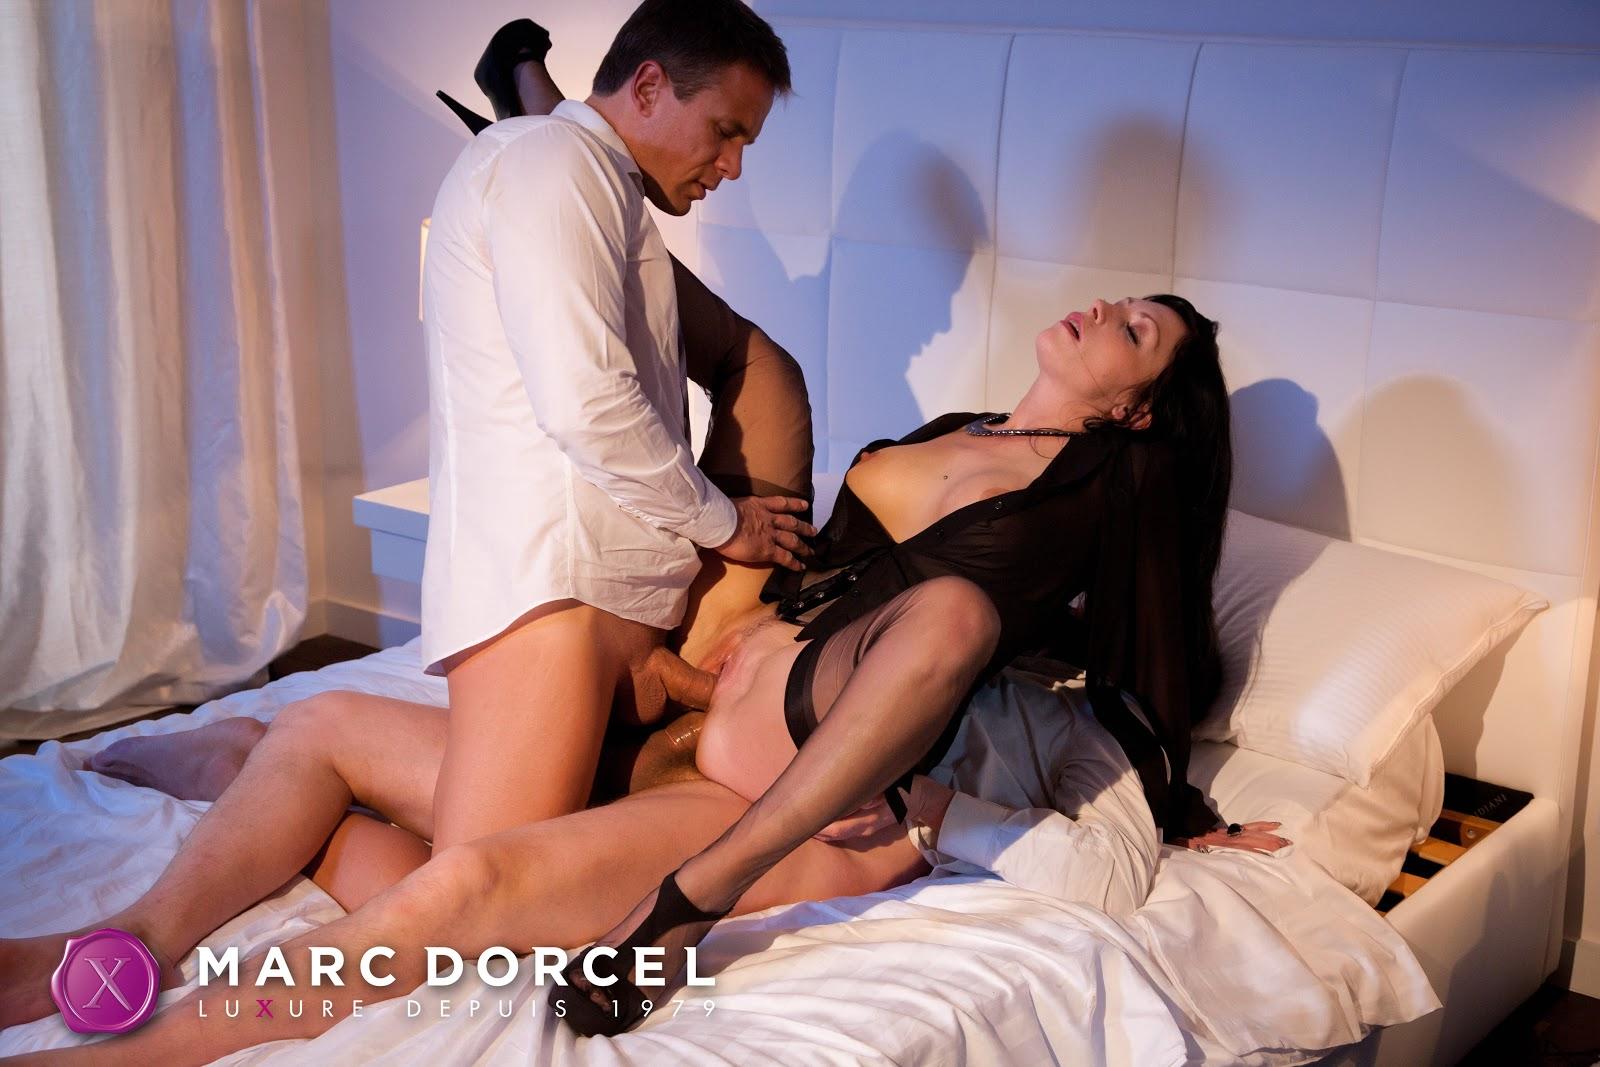 Порно фильмы с переводом дроссель